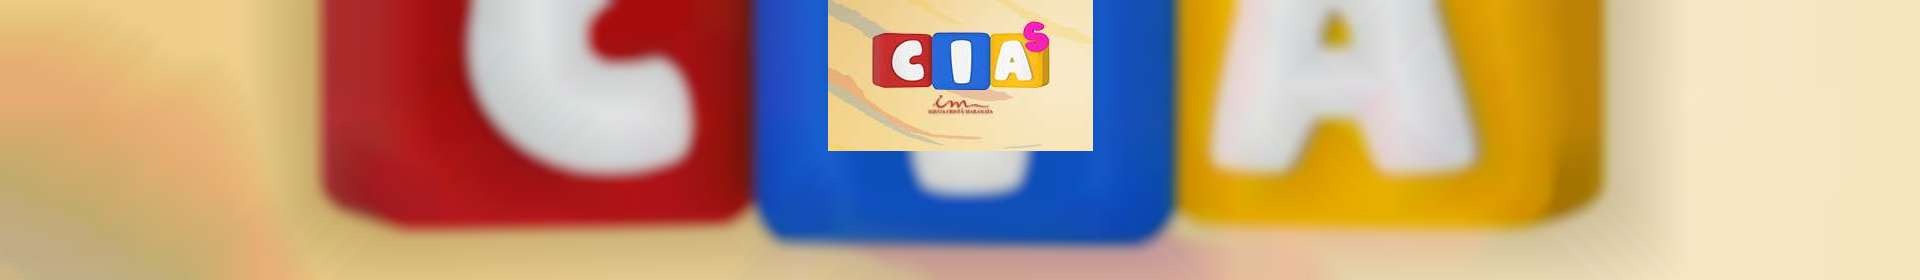 Aula de CIAS: classe de 3 a 7 anos - 23 de abril de 2020